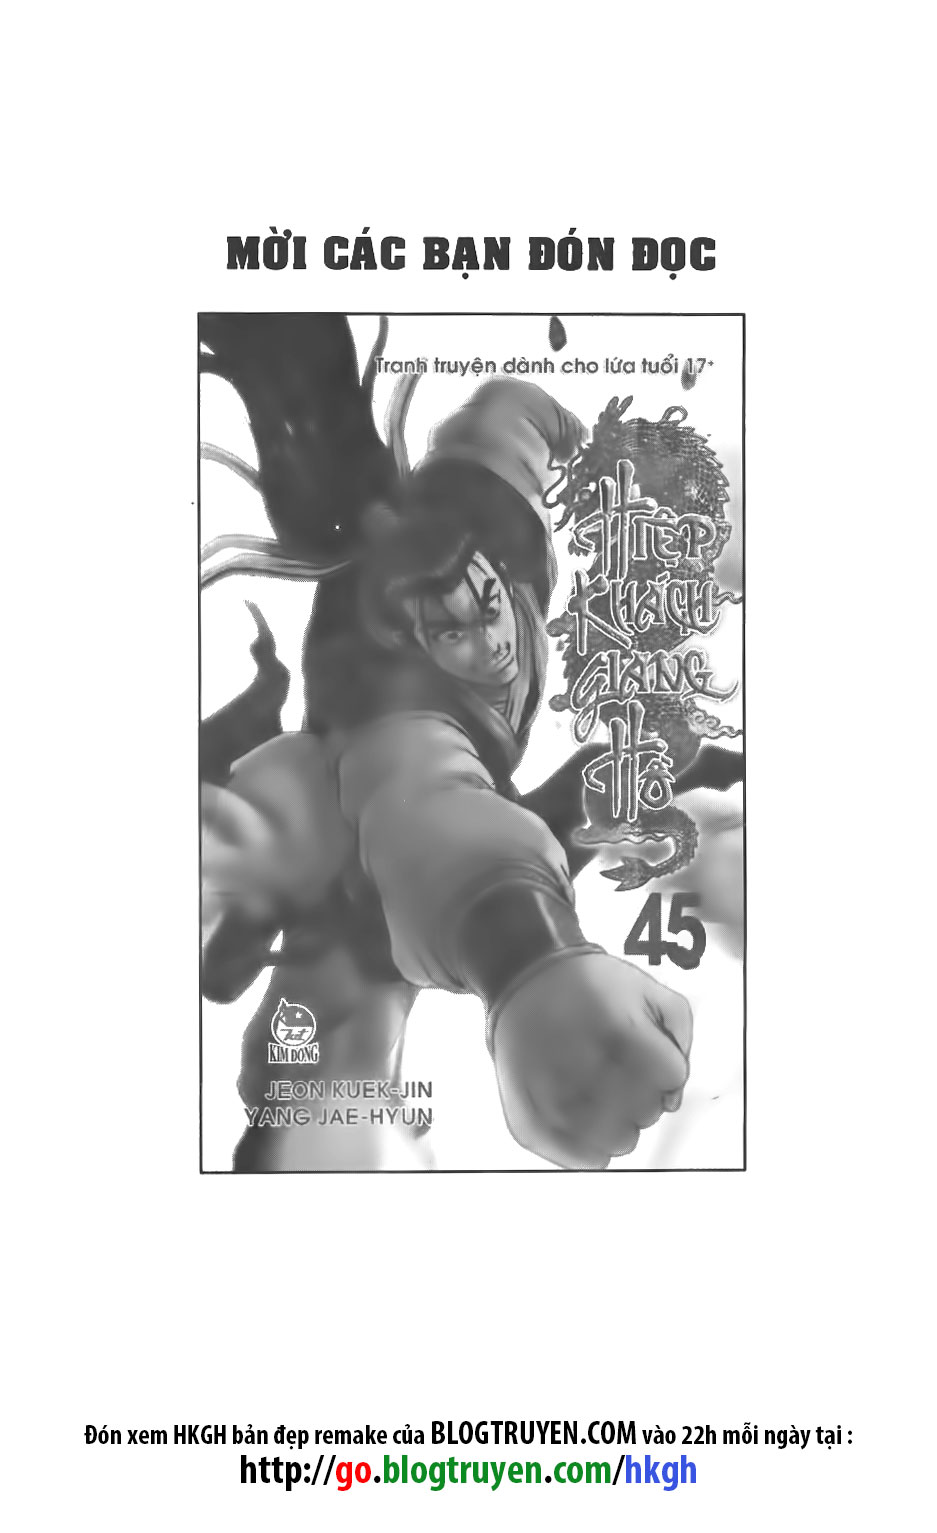 xem truyen moi - Hiệp Khách Giang Hồ Vol44 - Chap 308 - Remake